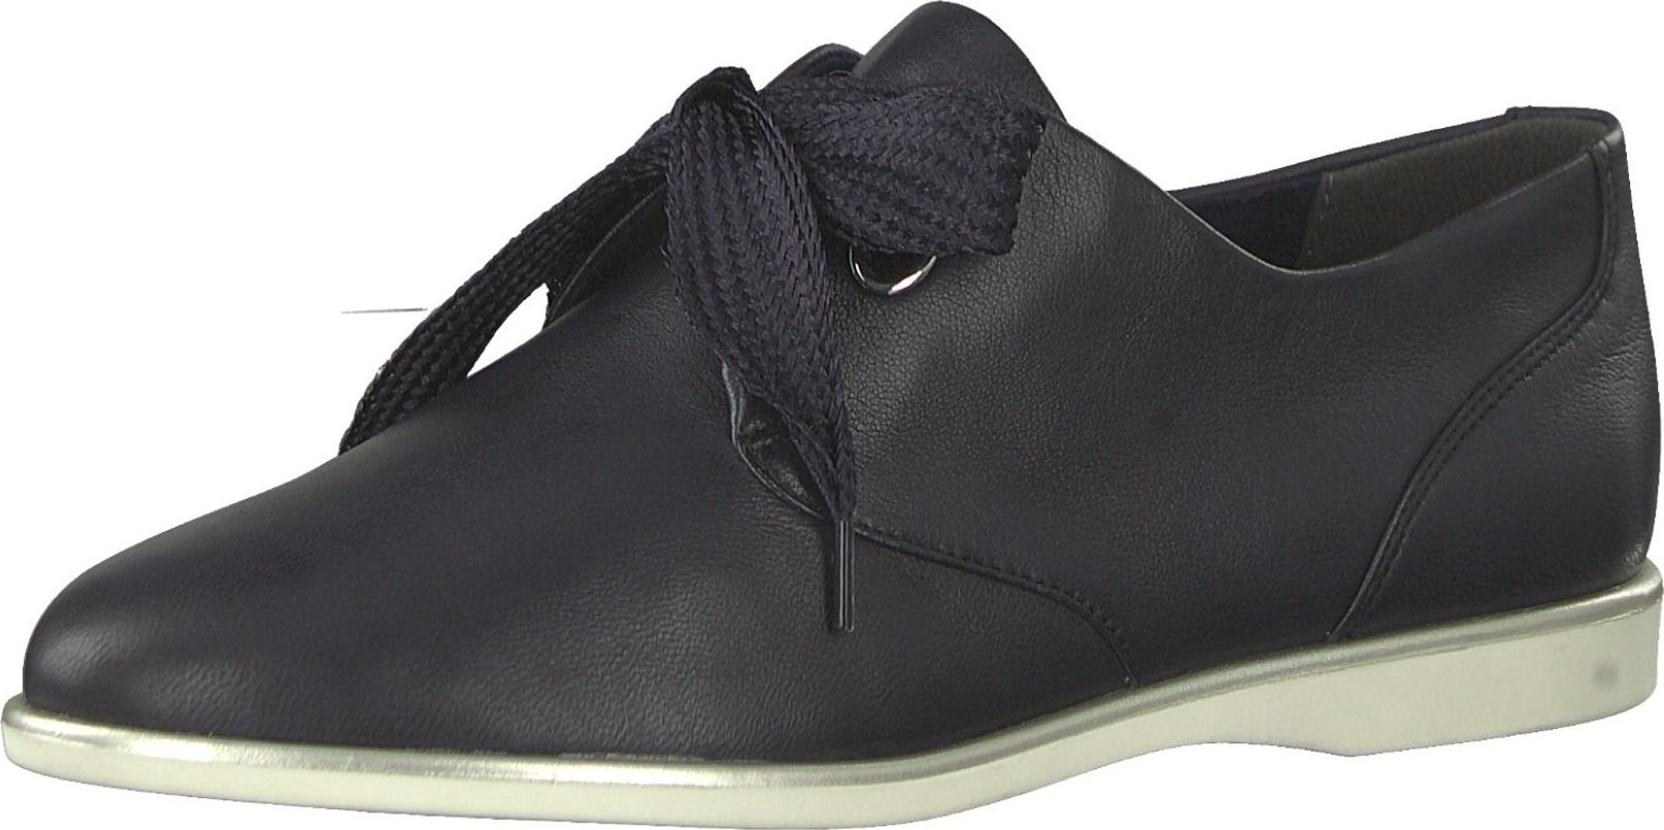 Dámská bota TAMARIS 1-1-23209-22 NAVY 805 – E-shop Tamaris c43bc11463